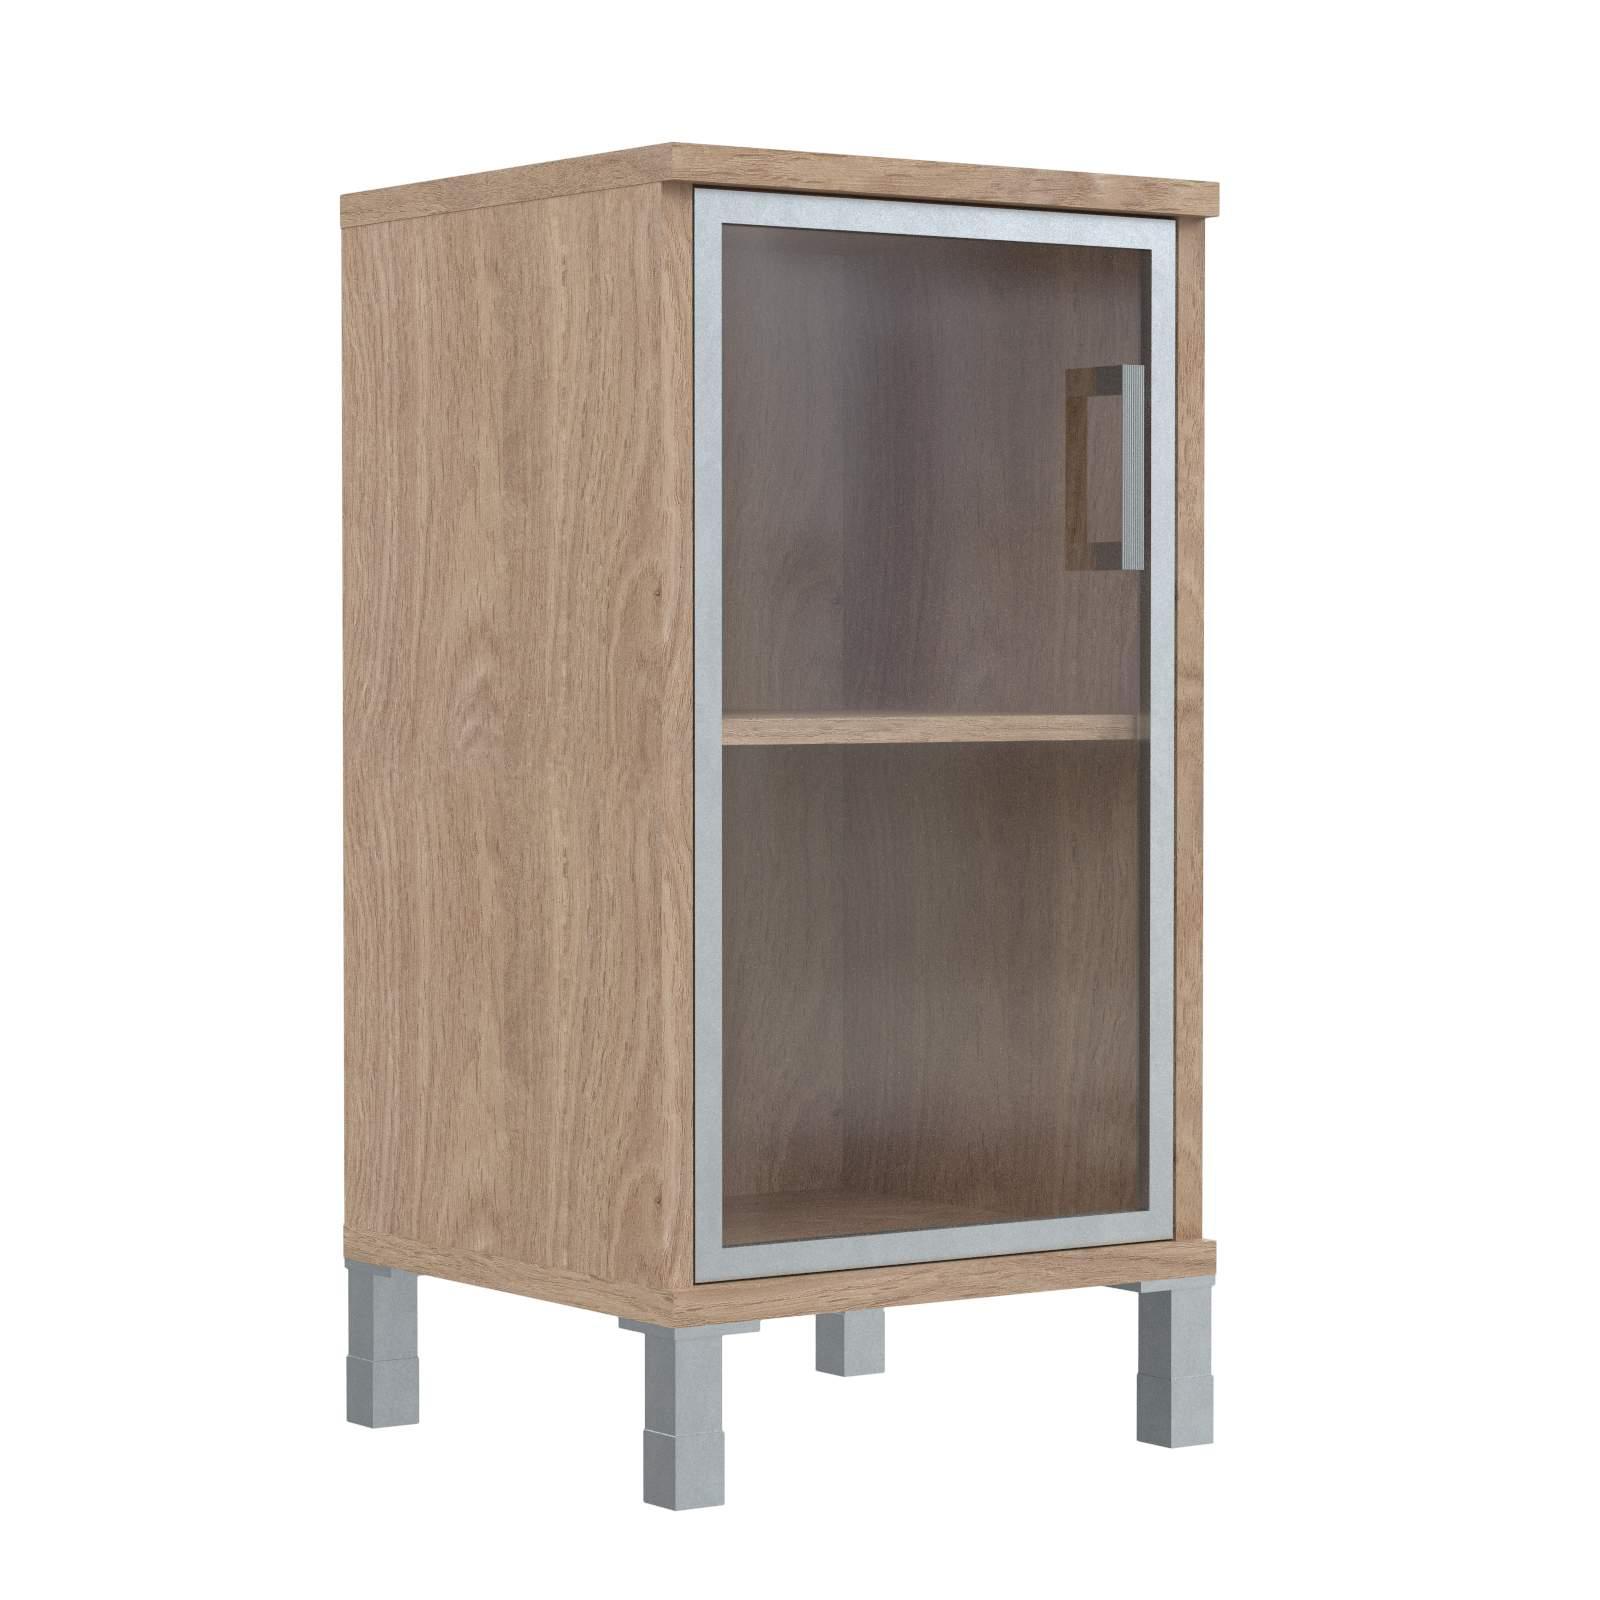 Шкаф колонка низкая со стеклянной дверью в алюм. рамке левая 475х435х870